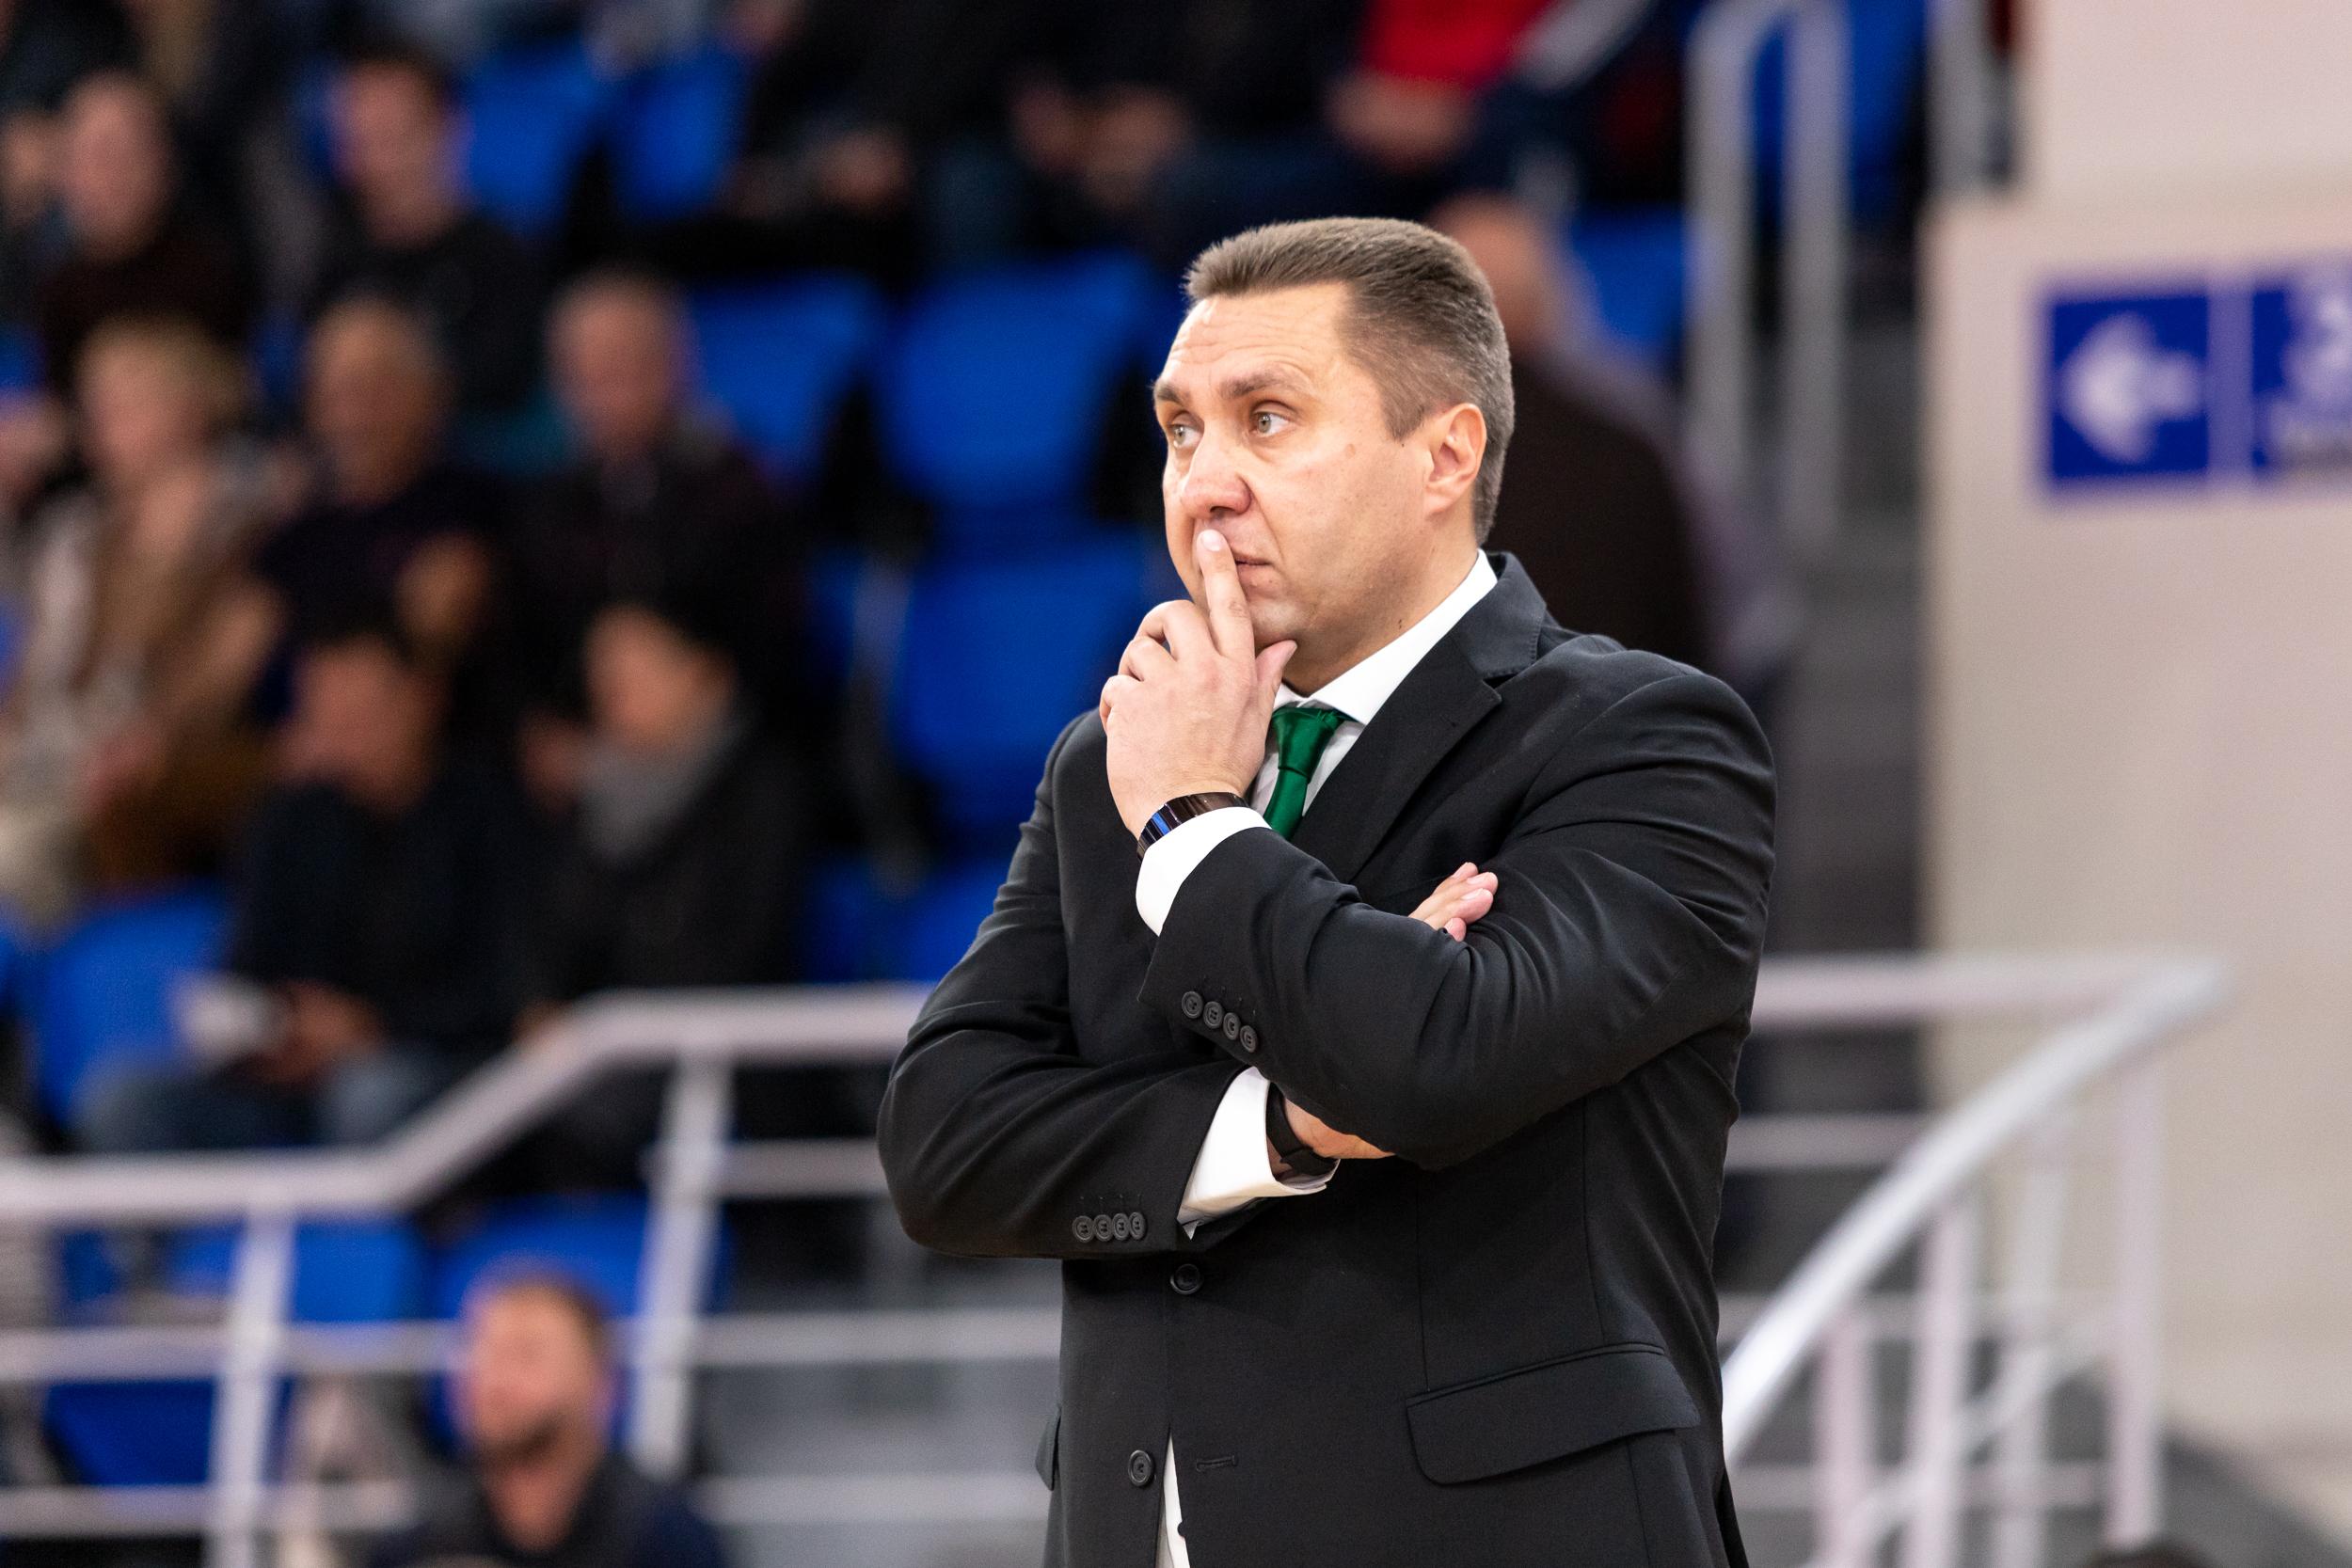 Запоріжжя переміг Миколаїв у першому матчі сезону: відео коментарів після гри